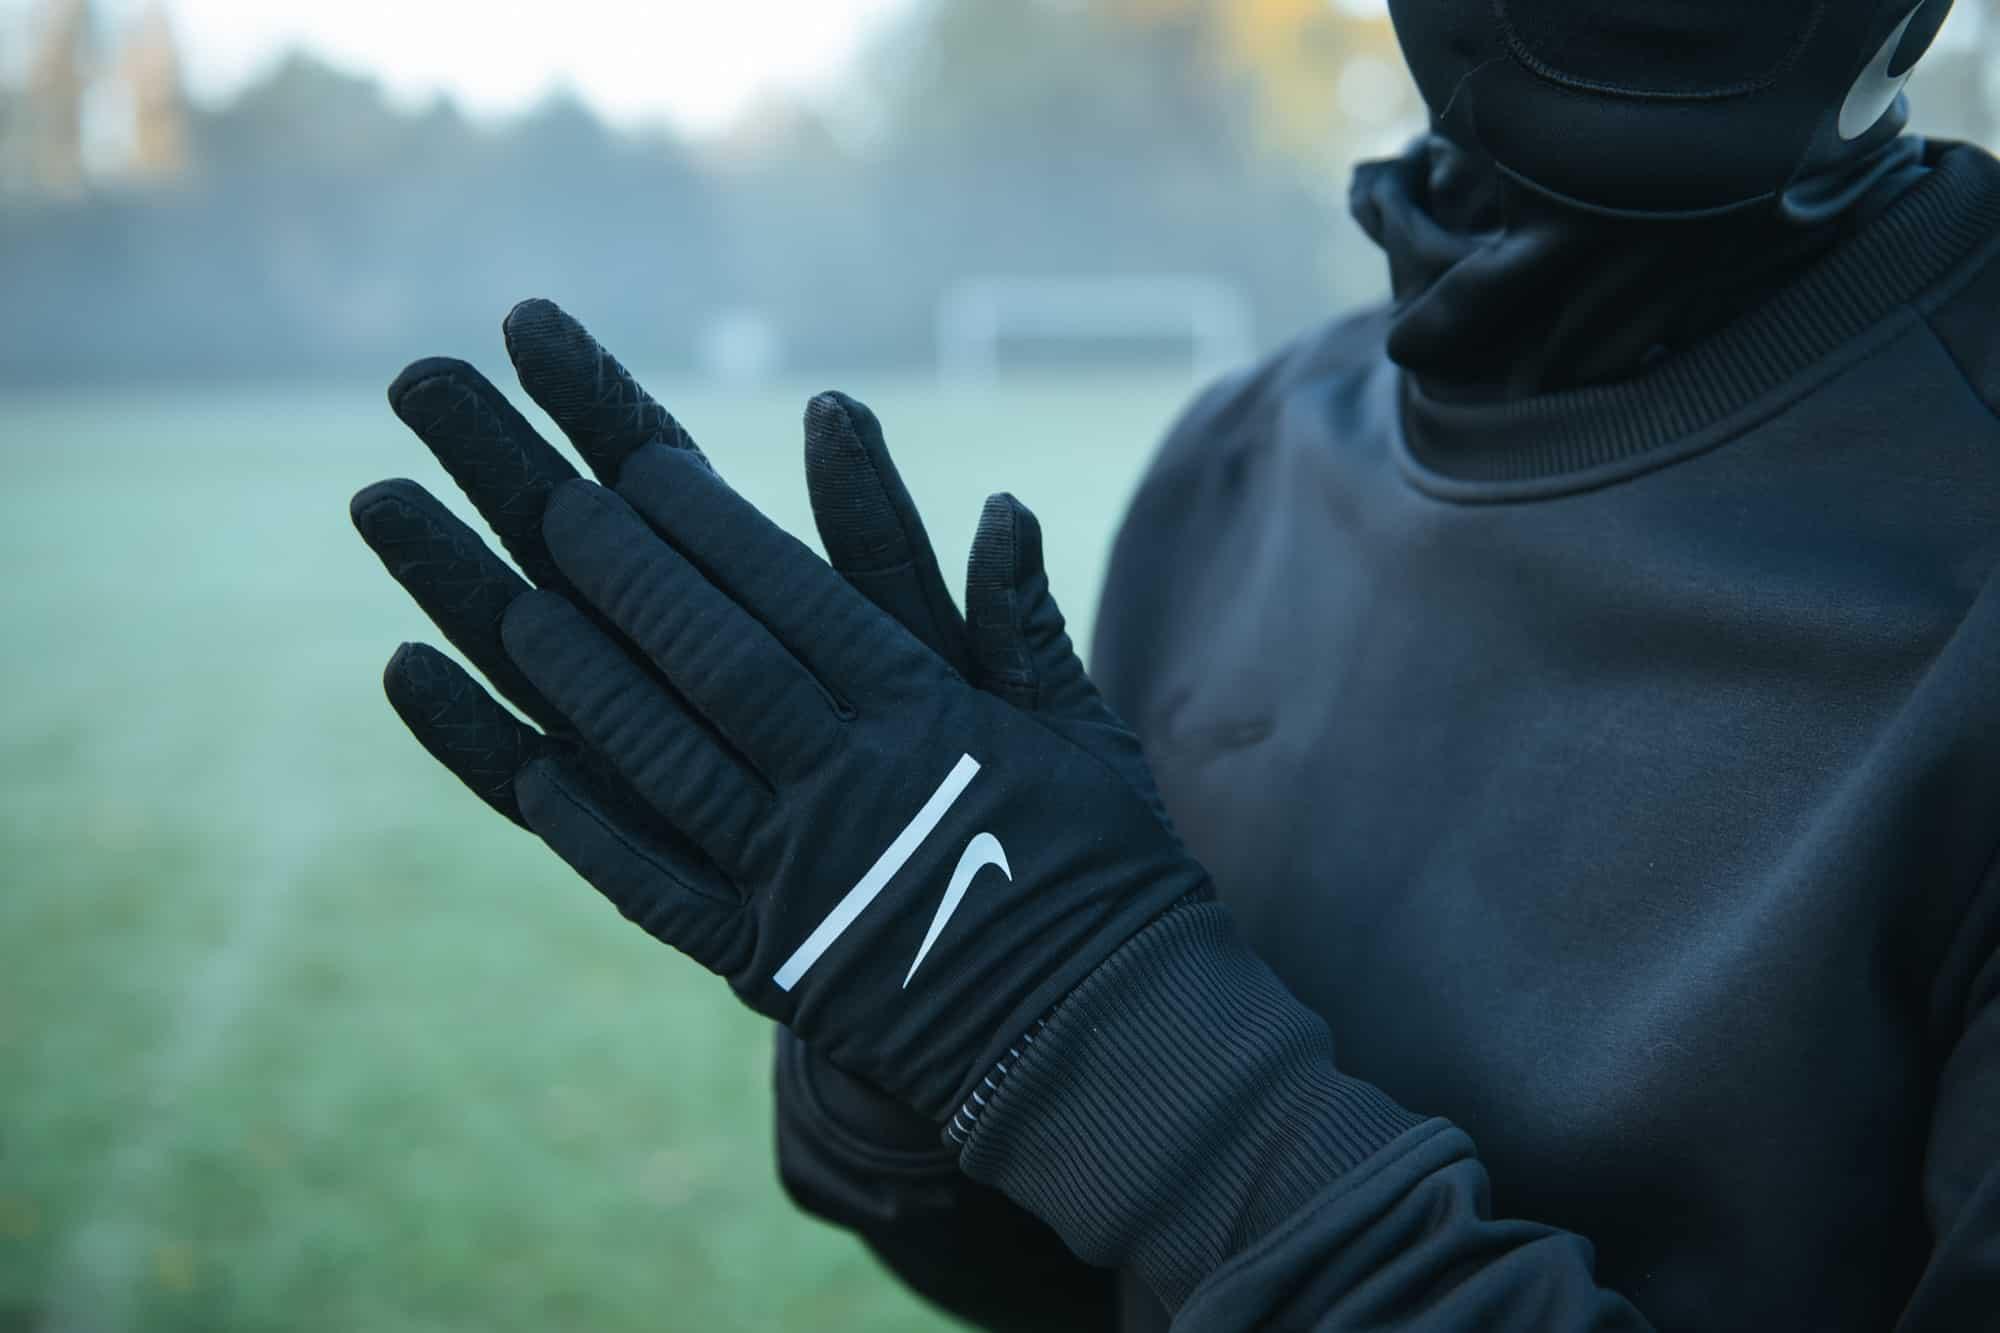 gants-nike-hiver-novembre-2018